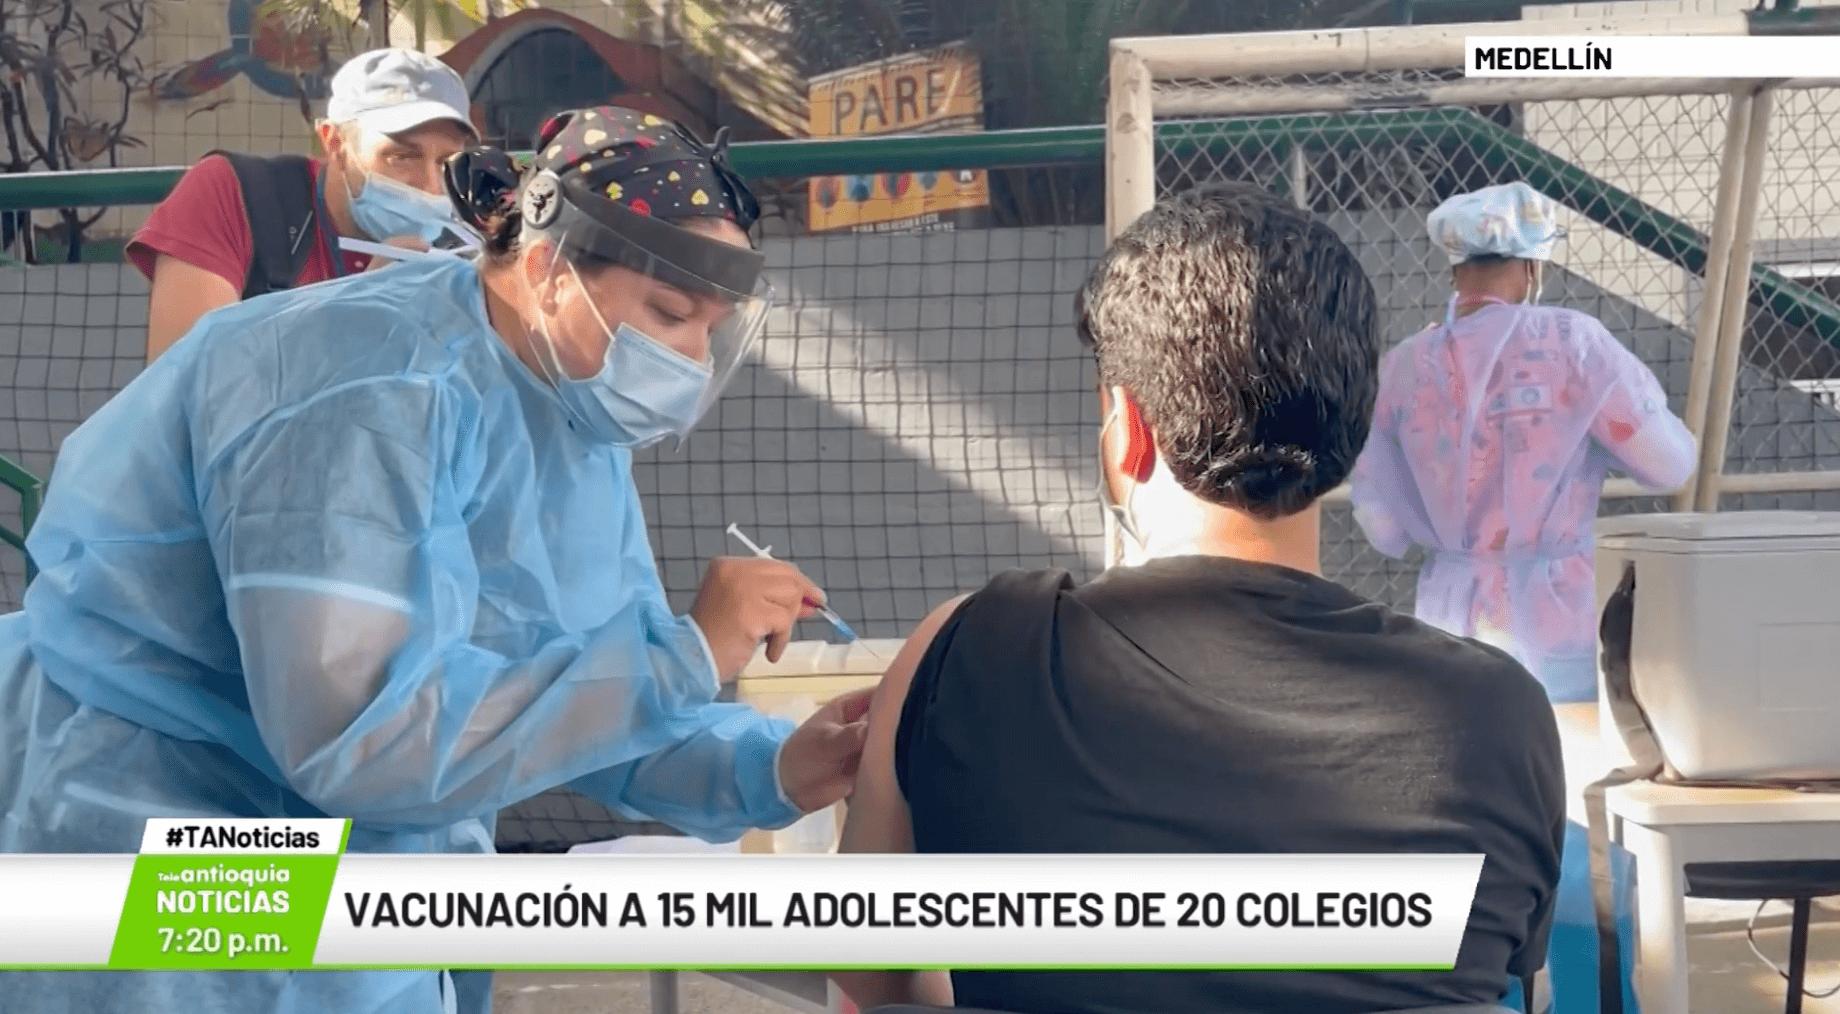 Vacunación a 15 mil adolescentes de 20 colegios